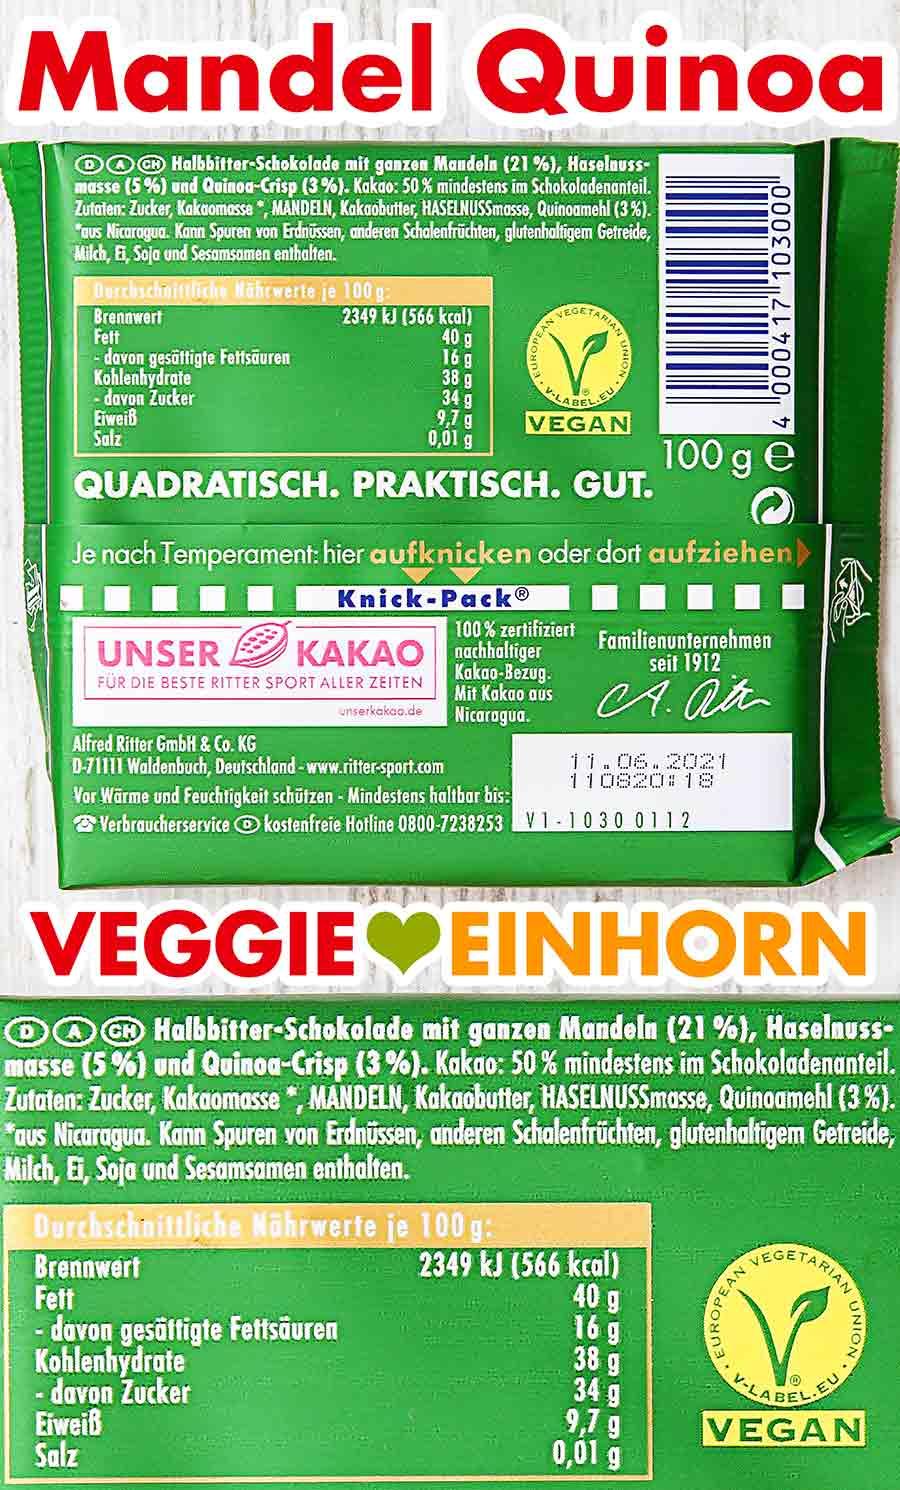 Rückseite der Verpackung Mandel Quinoa Schokolade von Ritter Sport